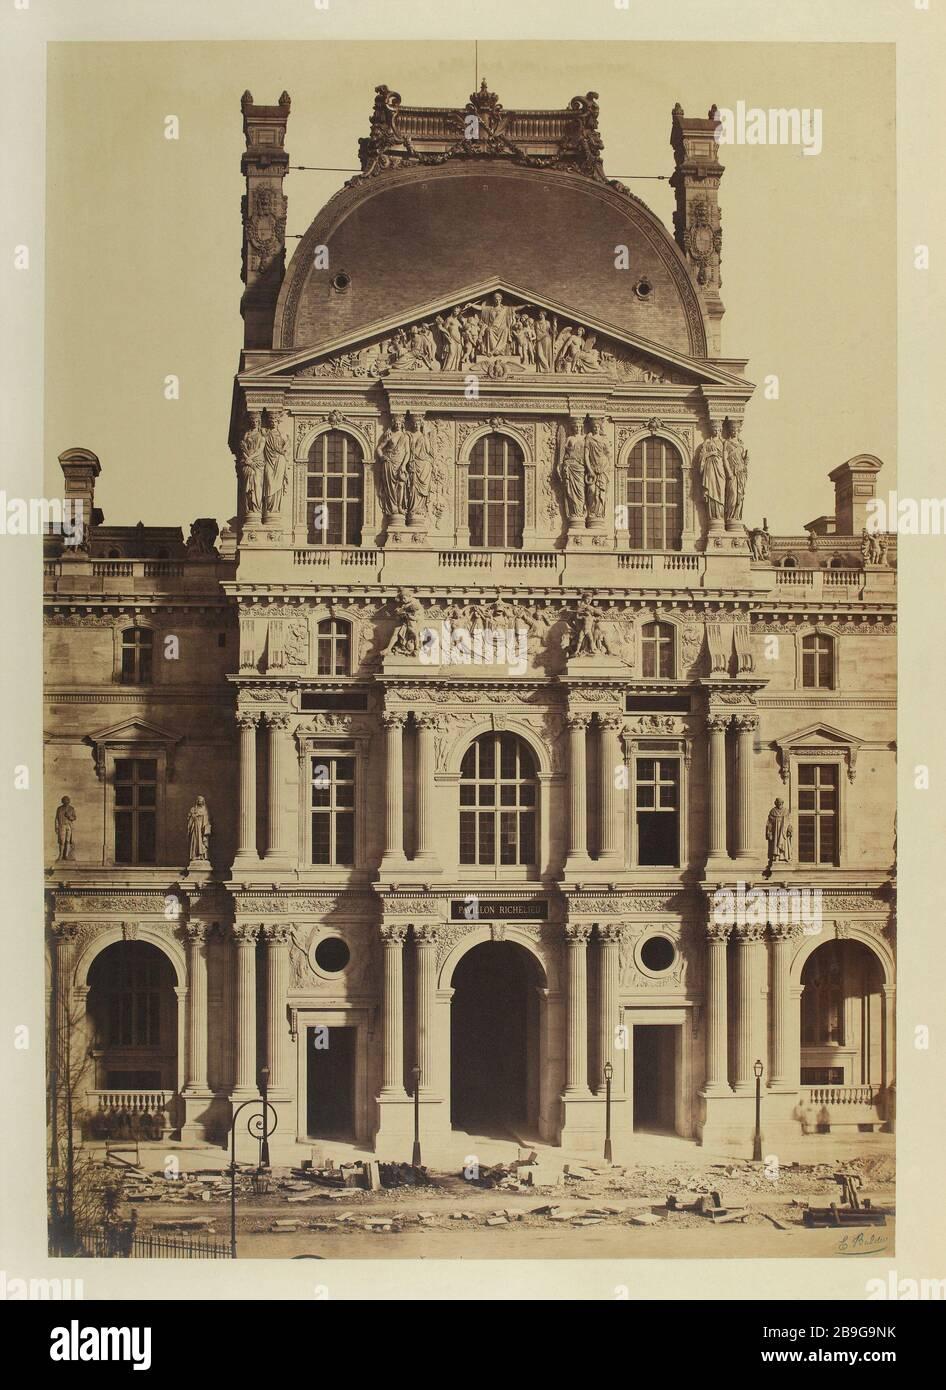 LA CONSTRUCTION DU NOUVEAU LOUVRE Edouard-Denis Baldus (1813-1889). Le chant du Nouveau Louvre, Paris (Ier arr.), vers 1855. Paris, musée Carnavalet. Banque D'Images